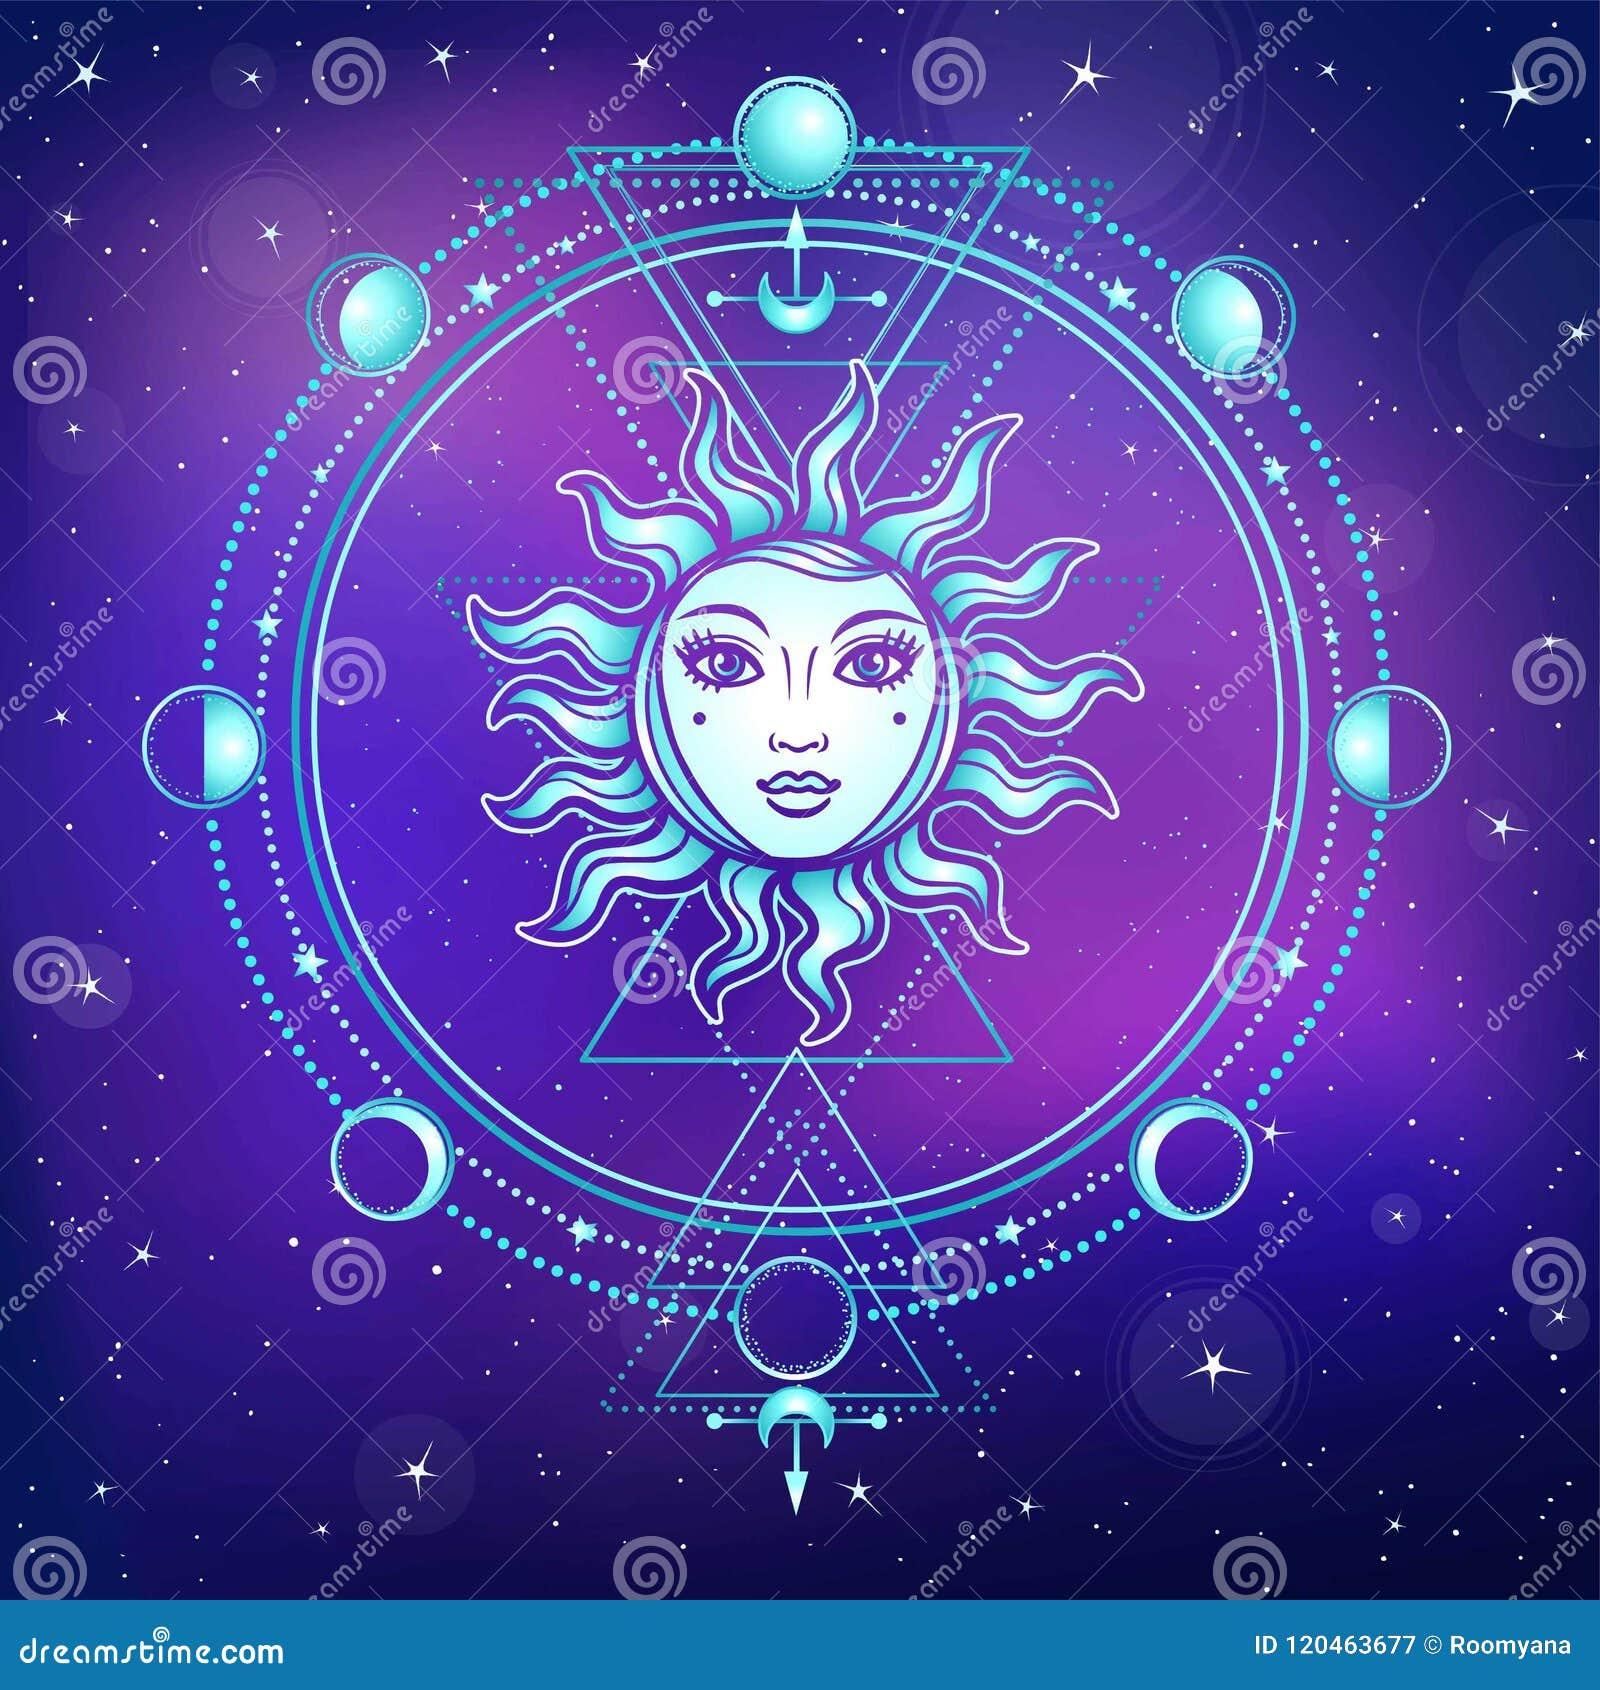 神秘的图画:与一个人面,神圣的几何,月相的太阳